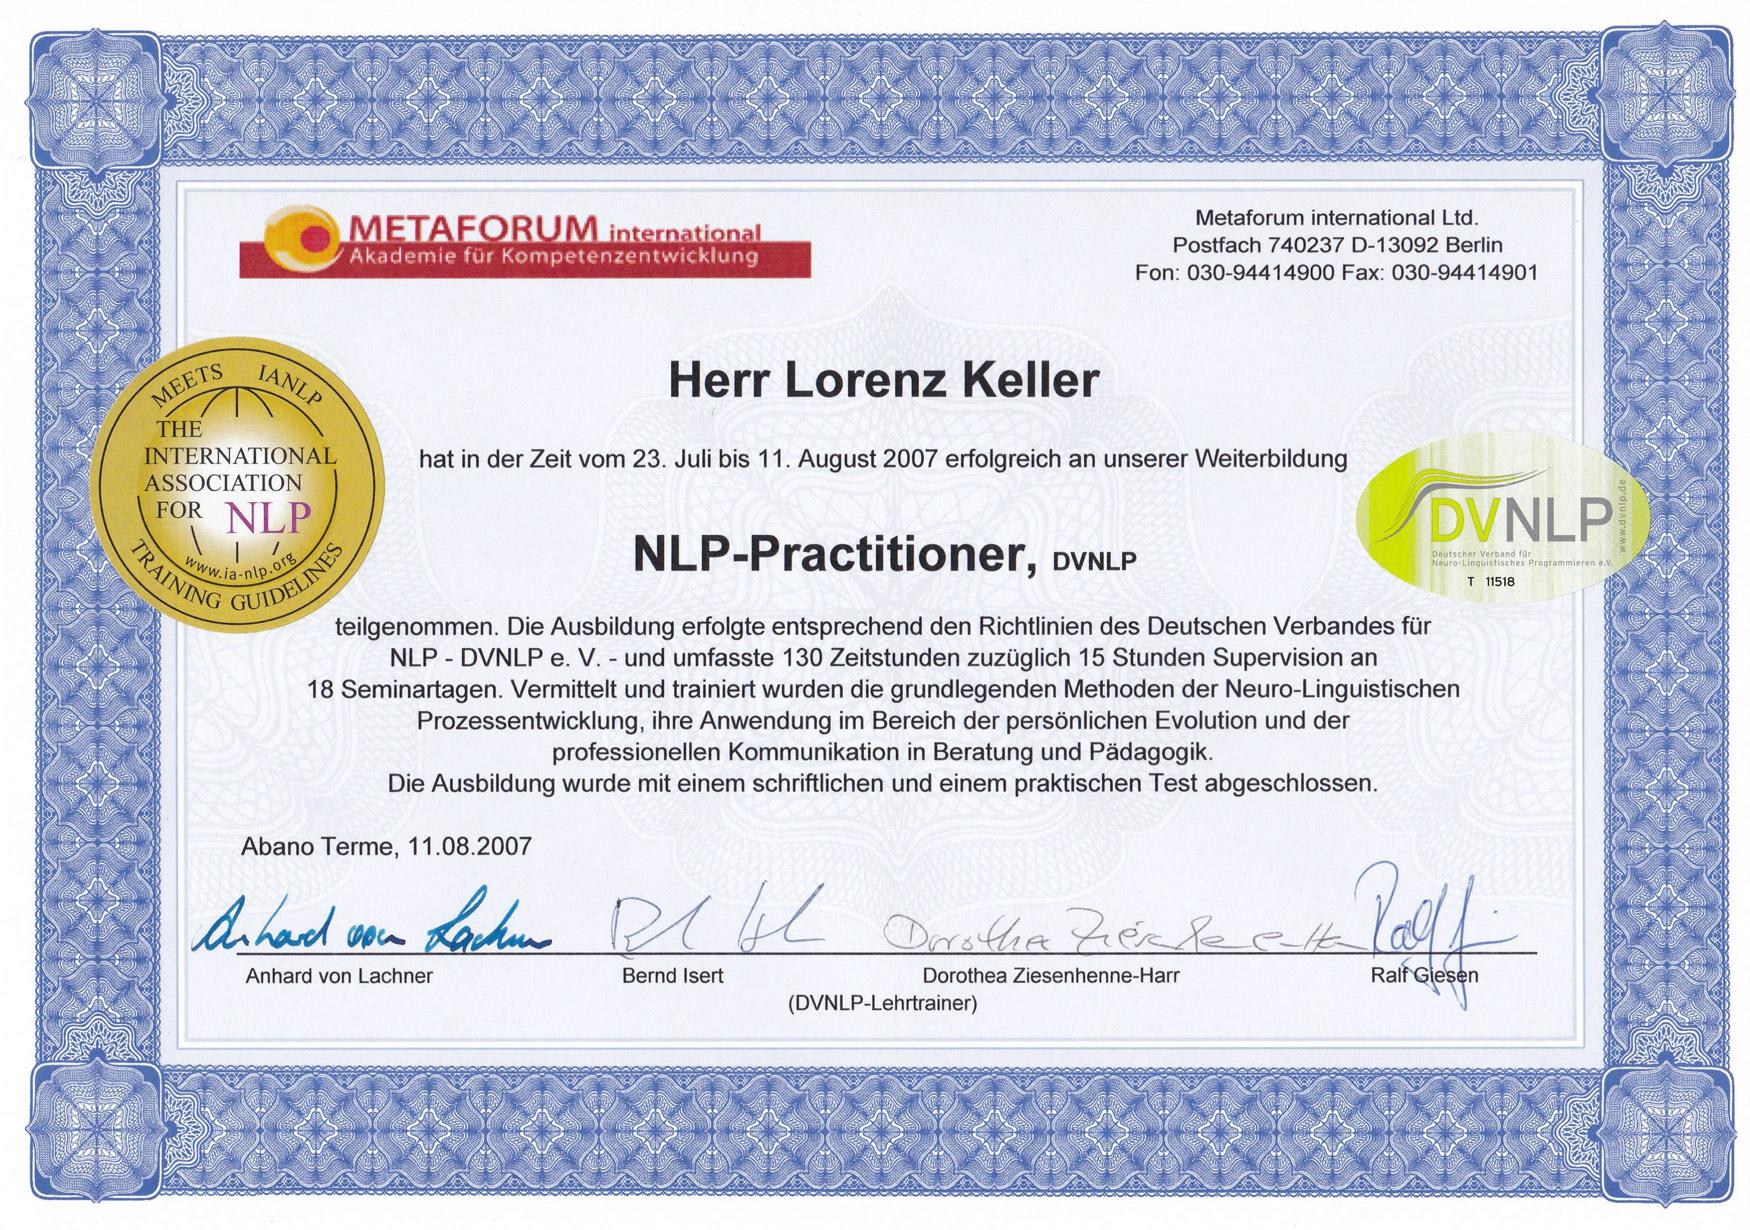 DVNLP Practitioner